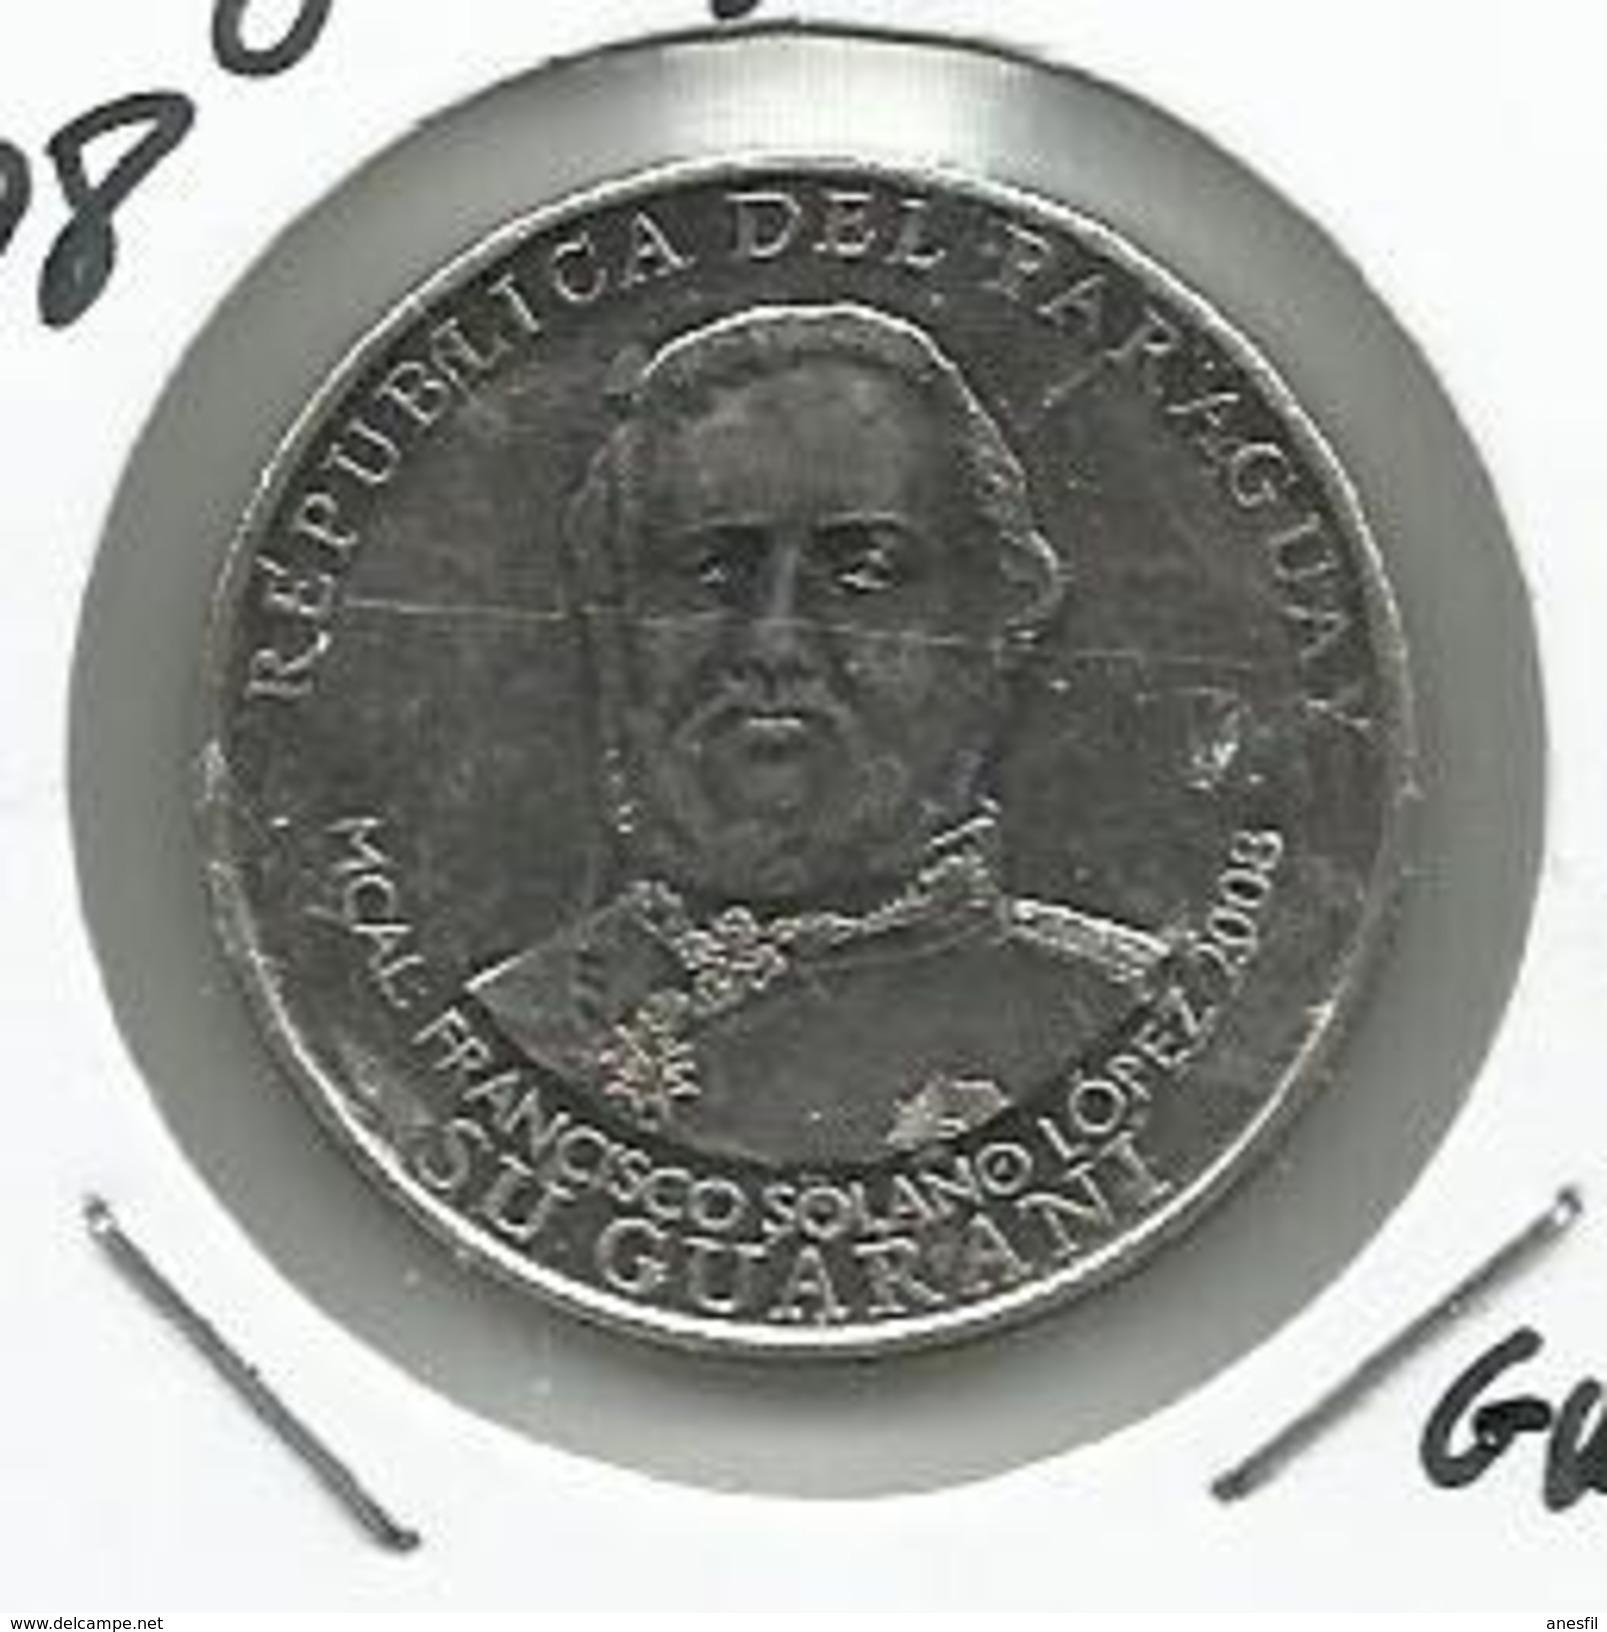 Paraguay_2008_1000 Guaranies. KM 198 - Paraguay